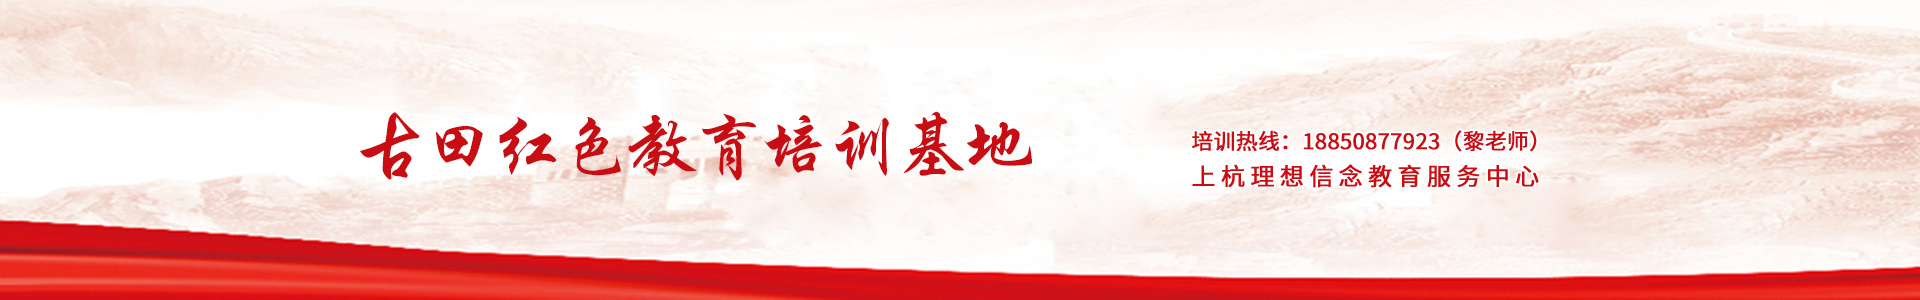 上杭理想信念教育咨询服务中心